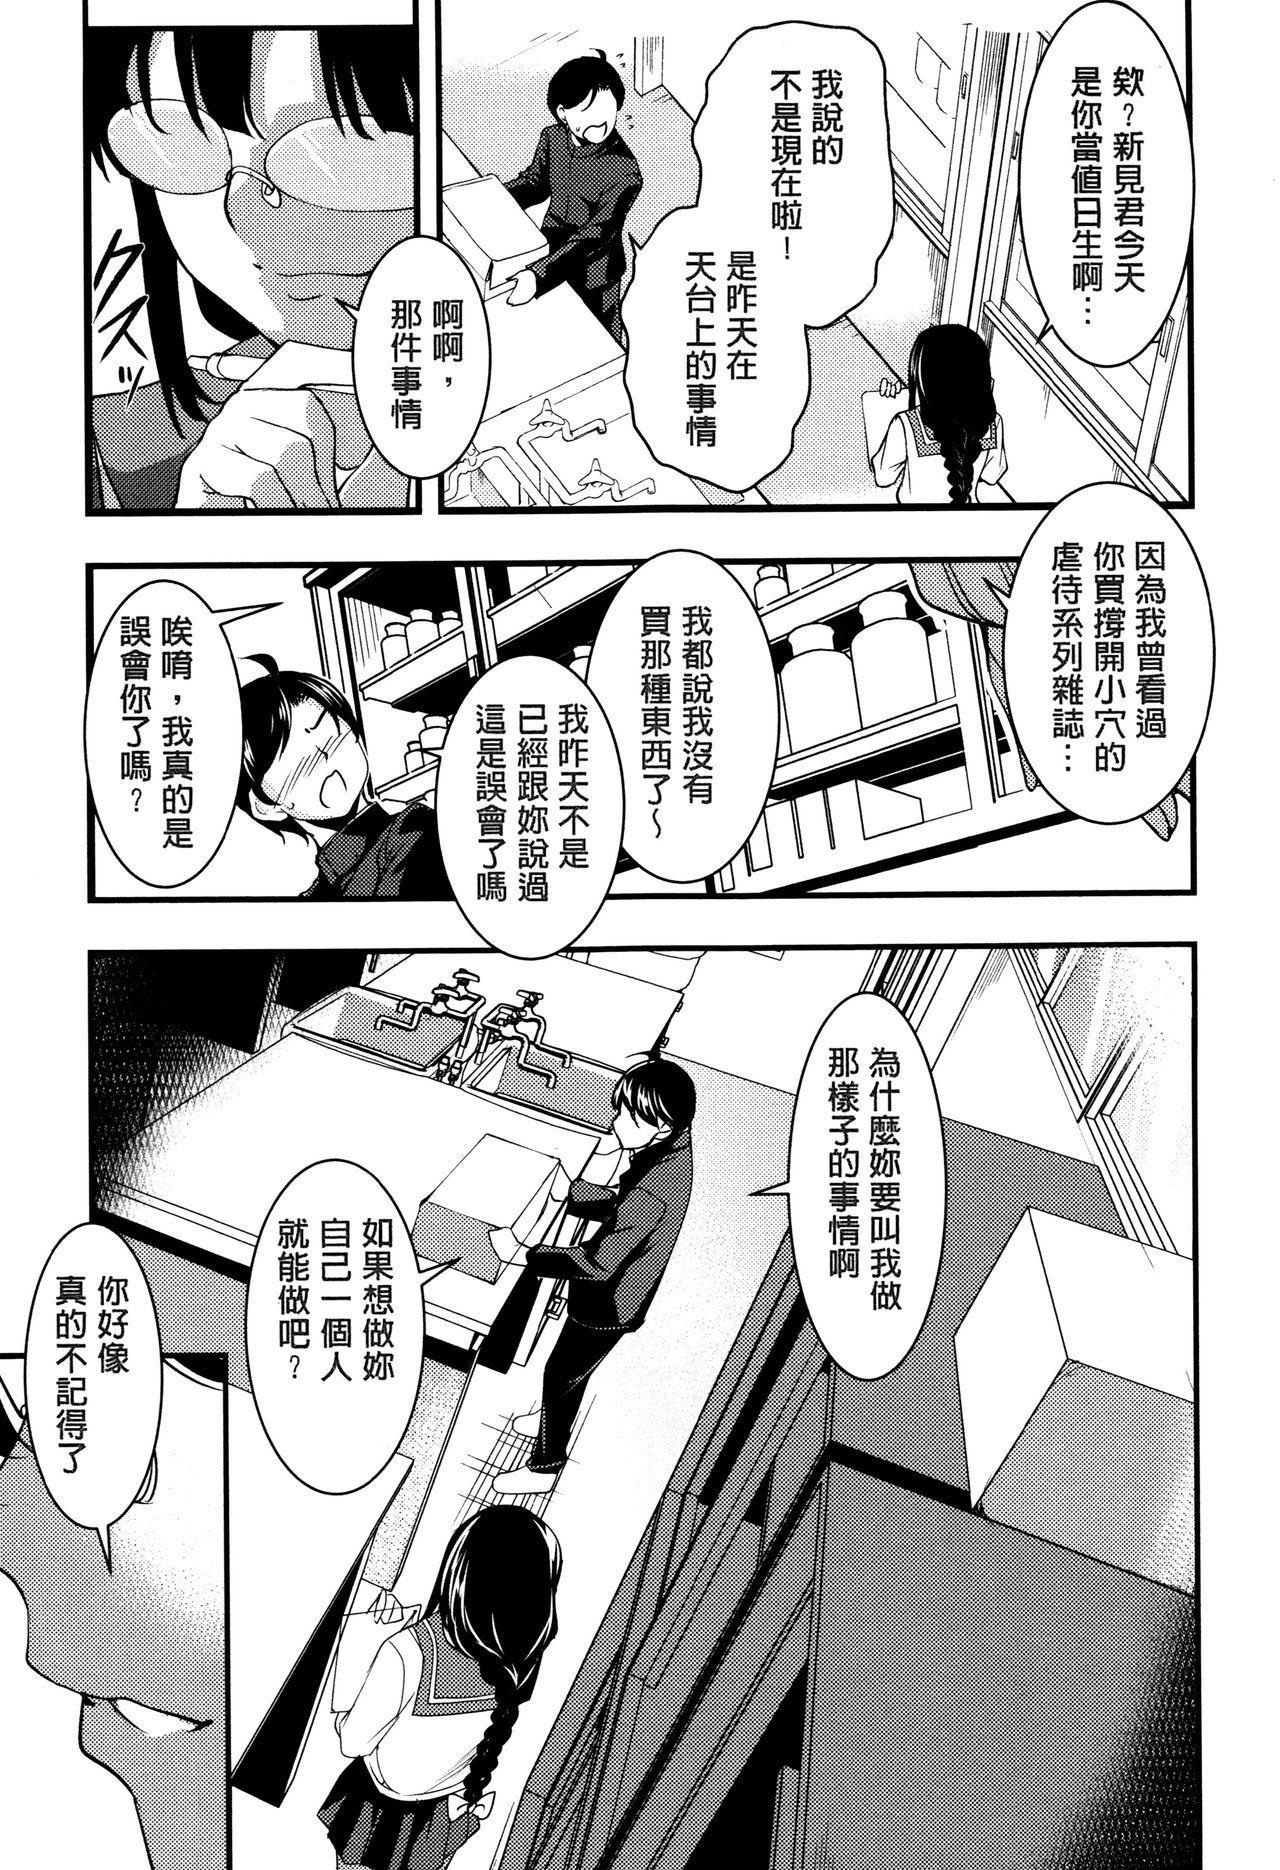 Shikyuu Yuugi 27